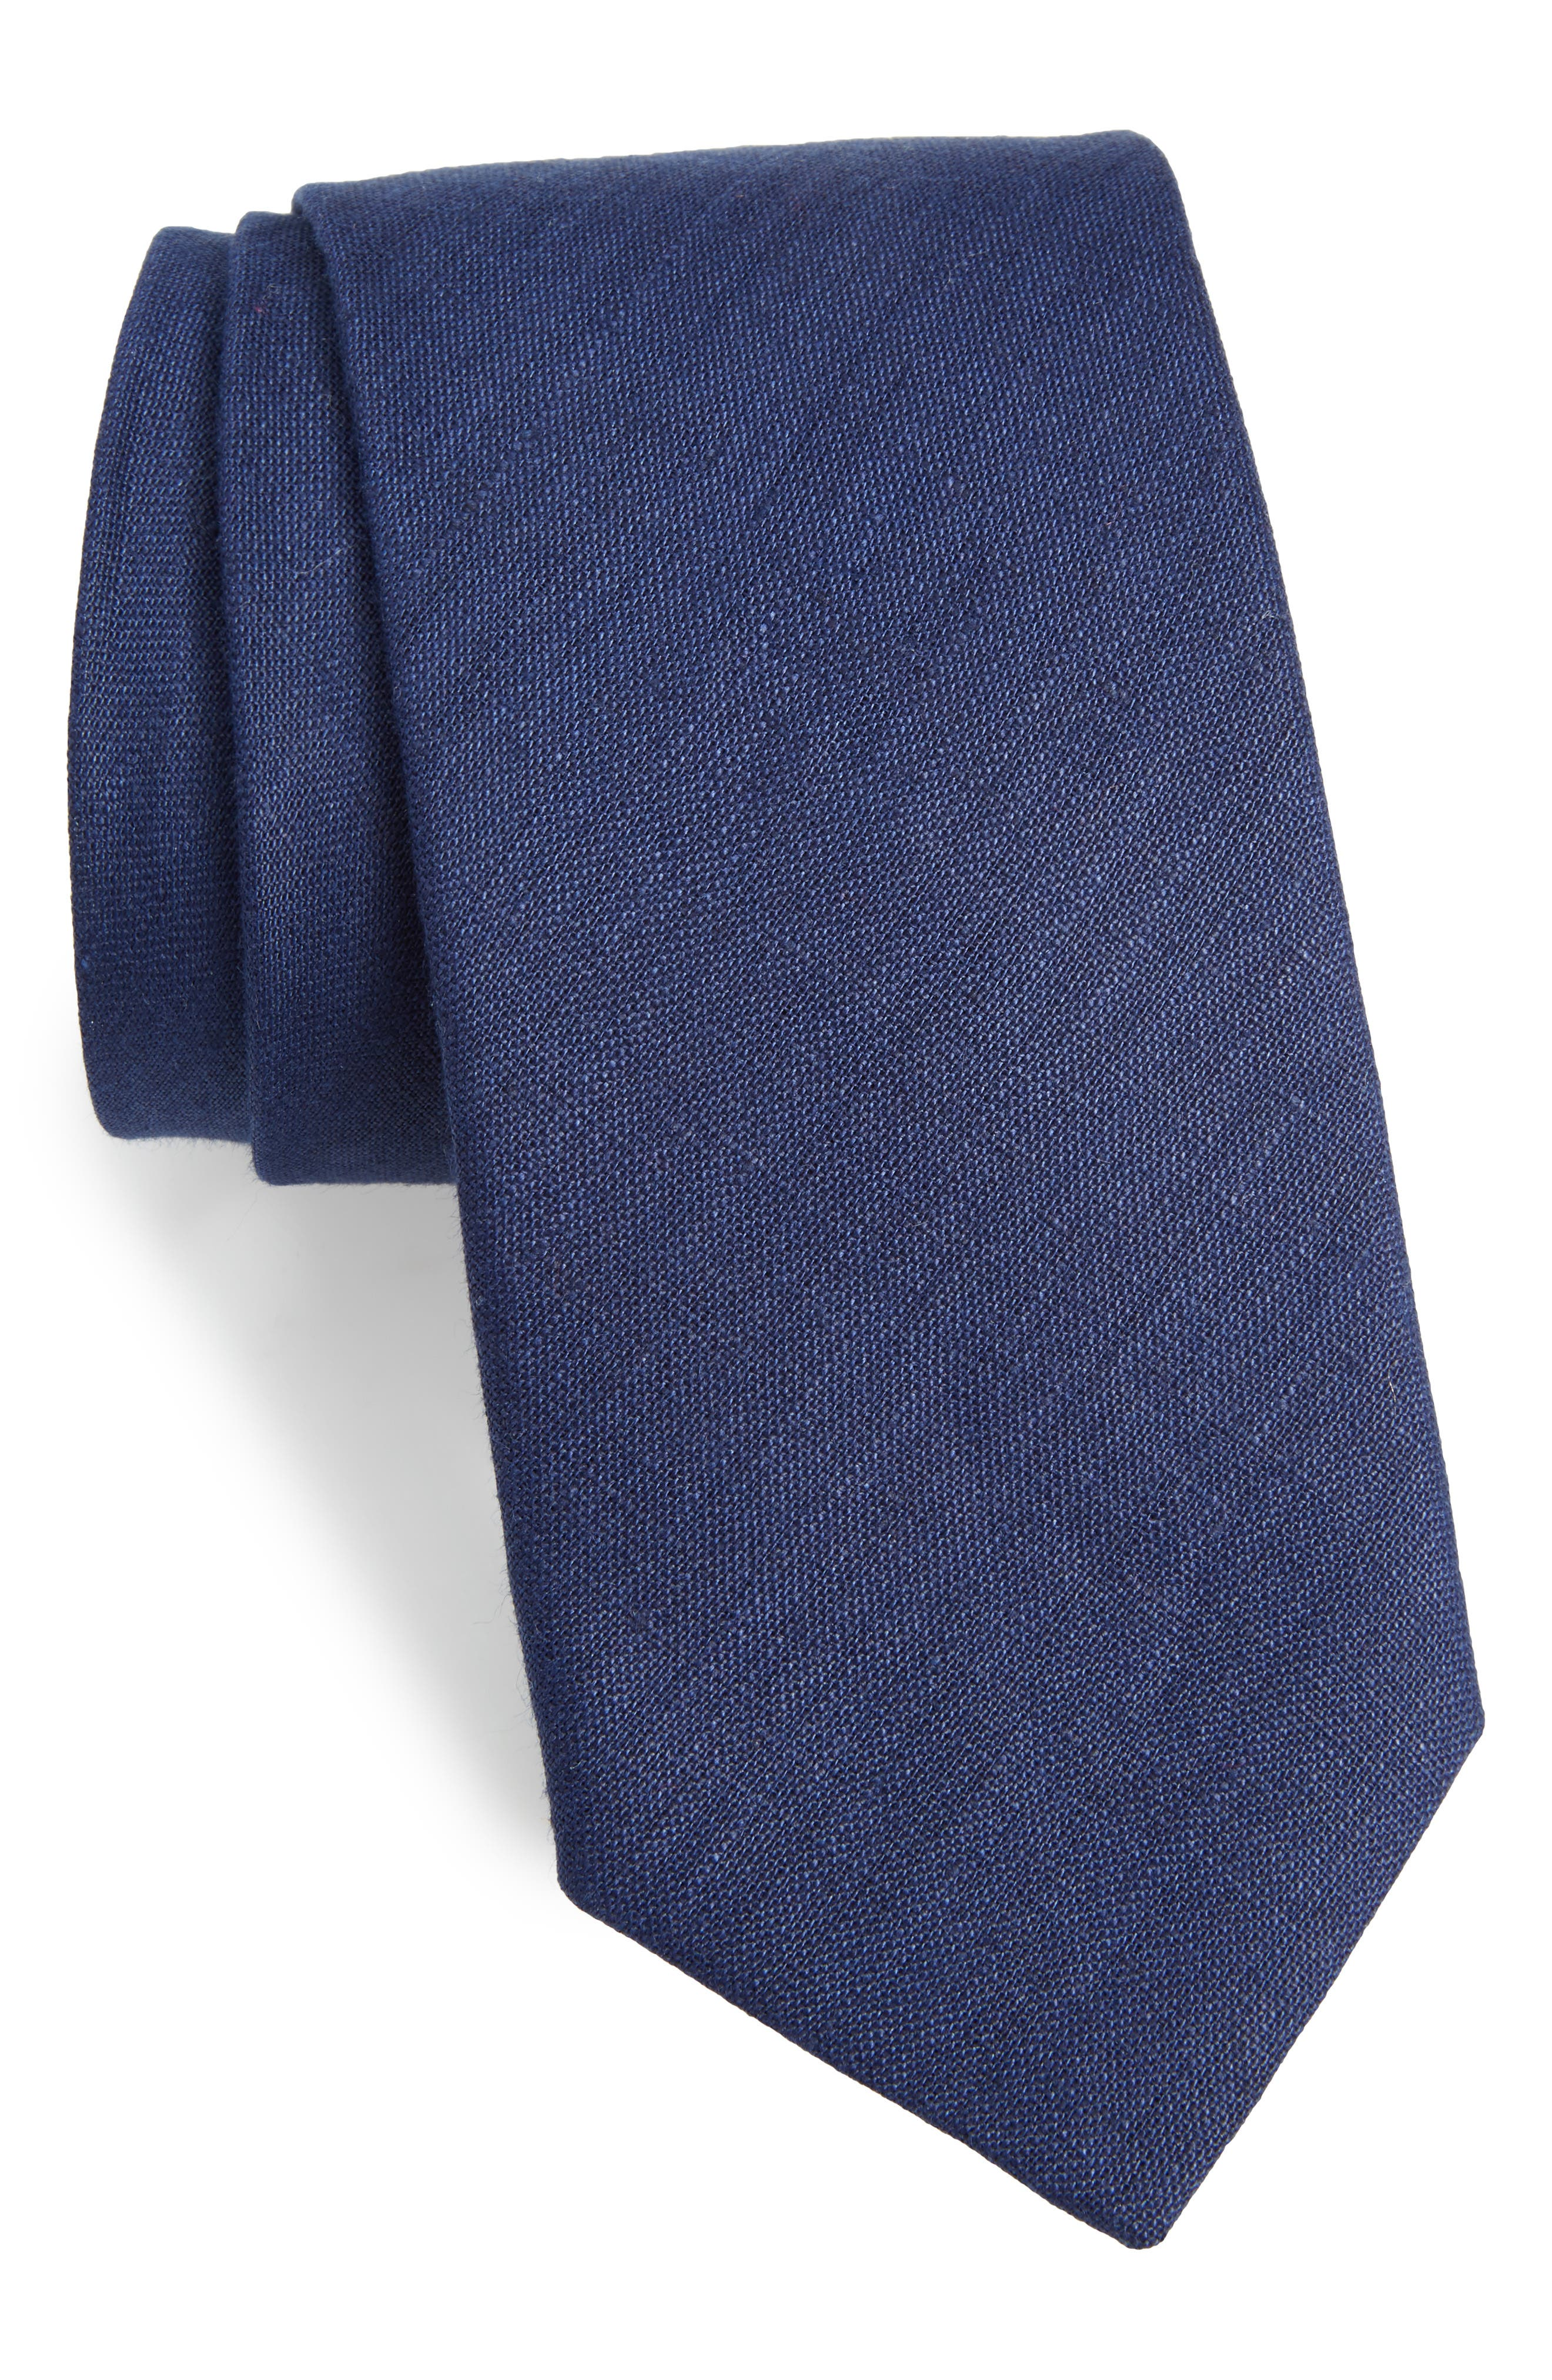 Solid Linen Tie,                             Main thumbnail 1, color,                             400